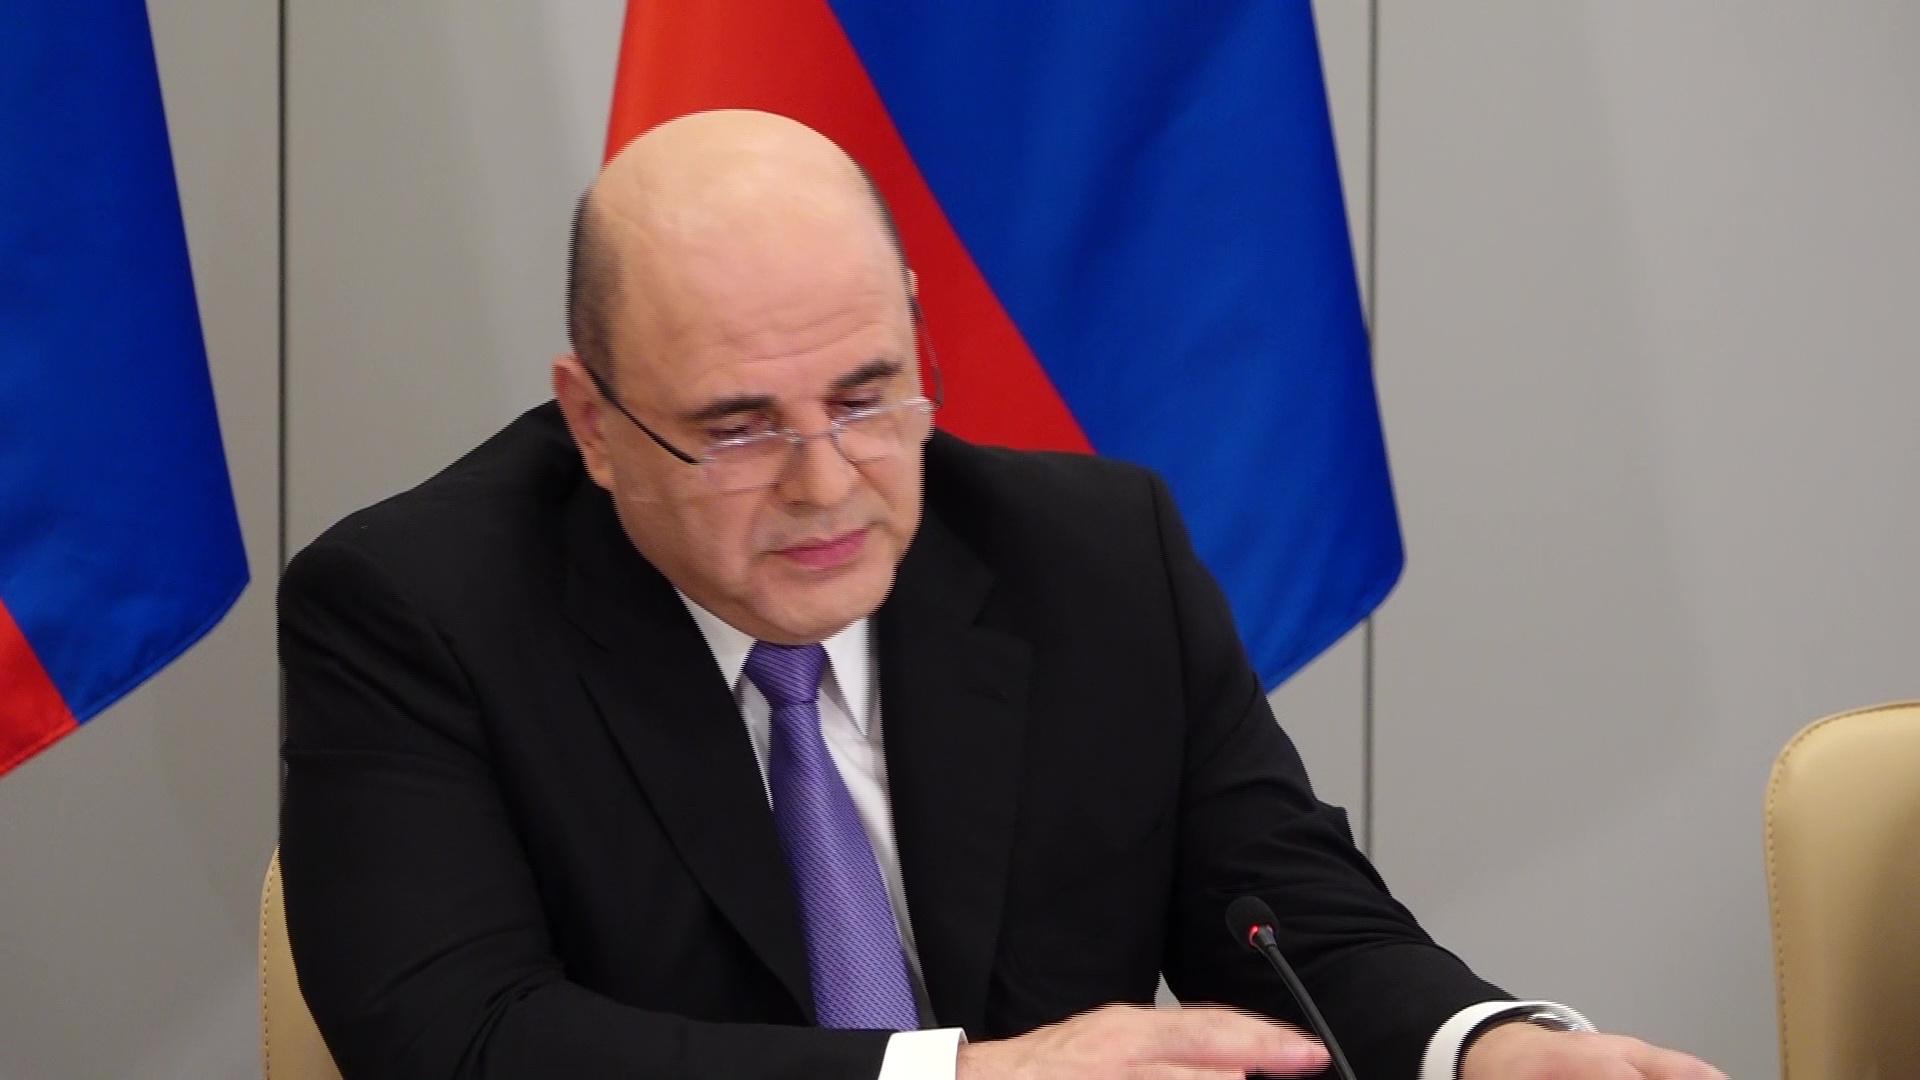 Премьер-министр Михаил Мишустин впервые приехал в Ярославскую область в новой должности